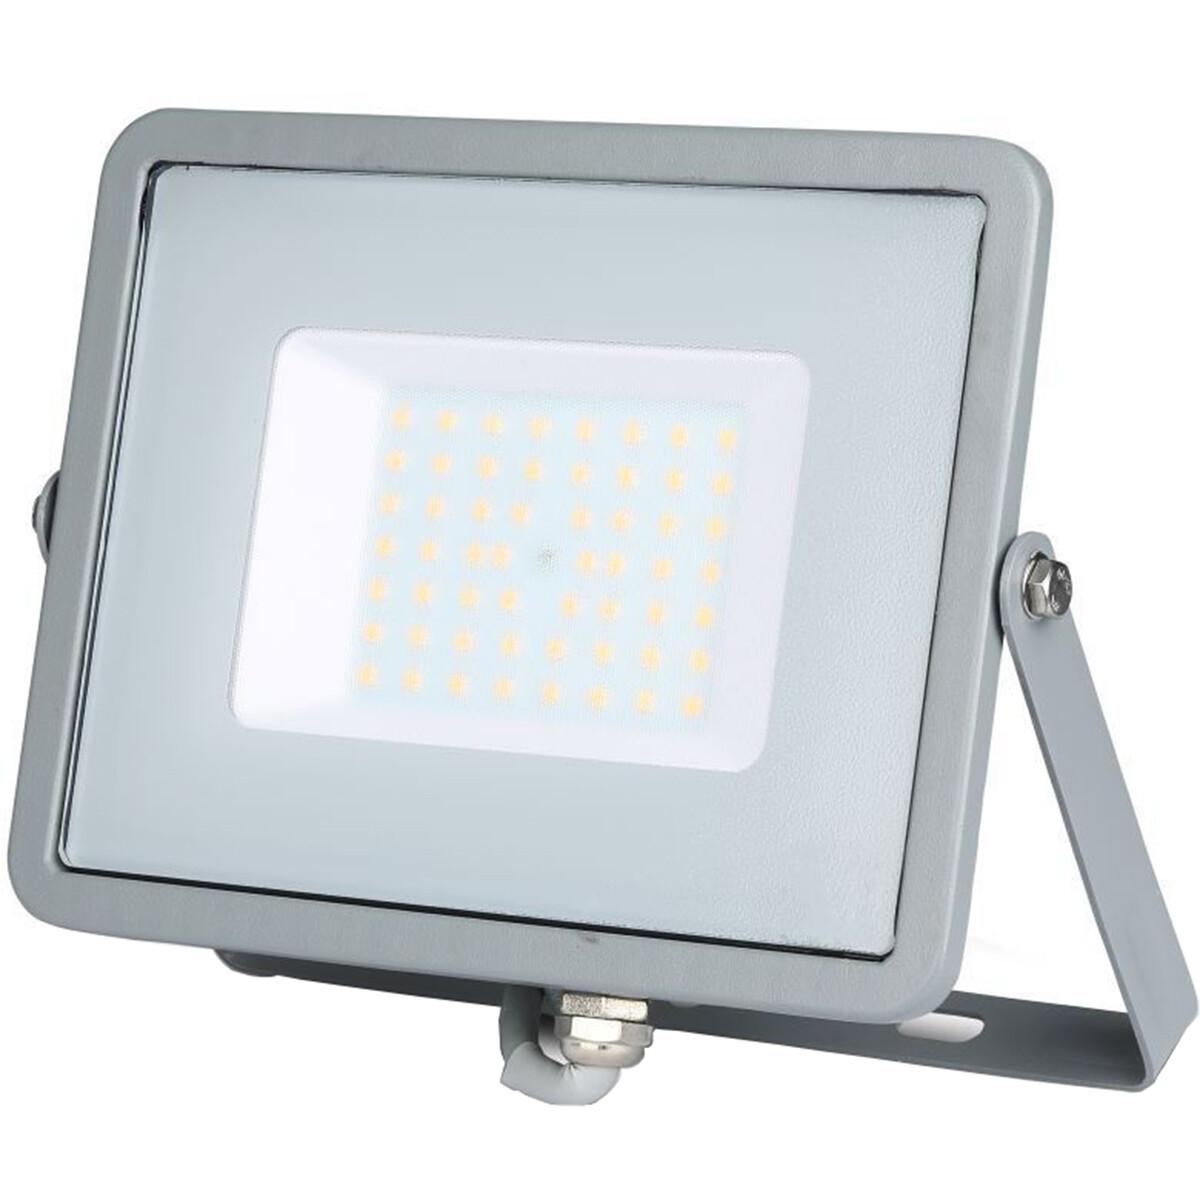 SAMSUNG - LED Bouwlamp 50 Watt - LED Schijnwerper - Viron Dana - Helder/Koud Wit 6400K - Mat Grijs - Aluminium